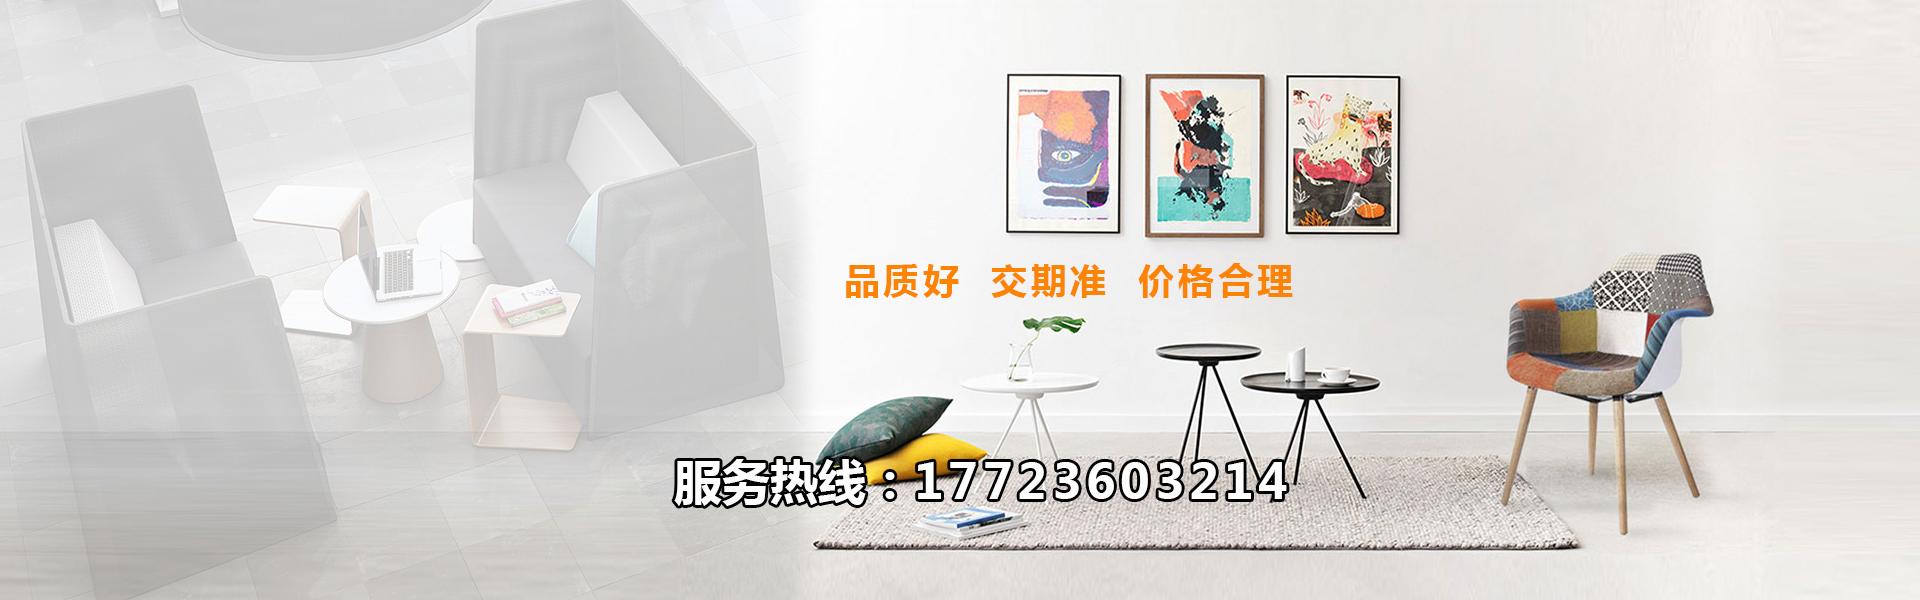 重庆办公家具品质好,交期准,价格合理